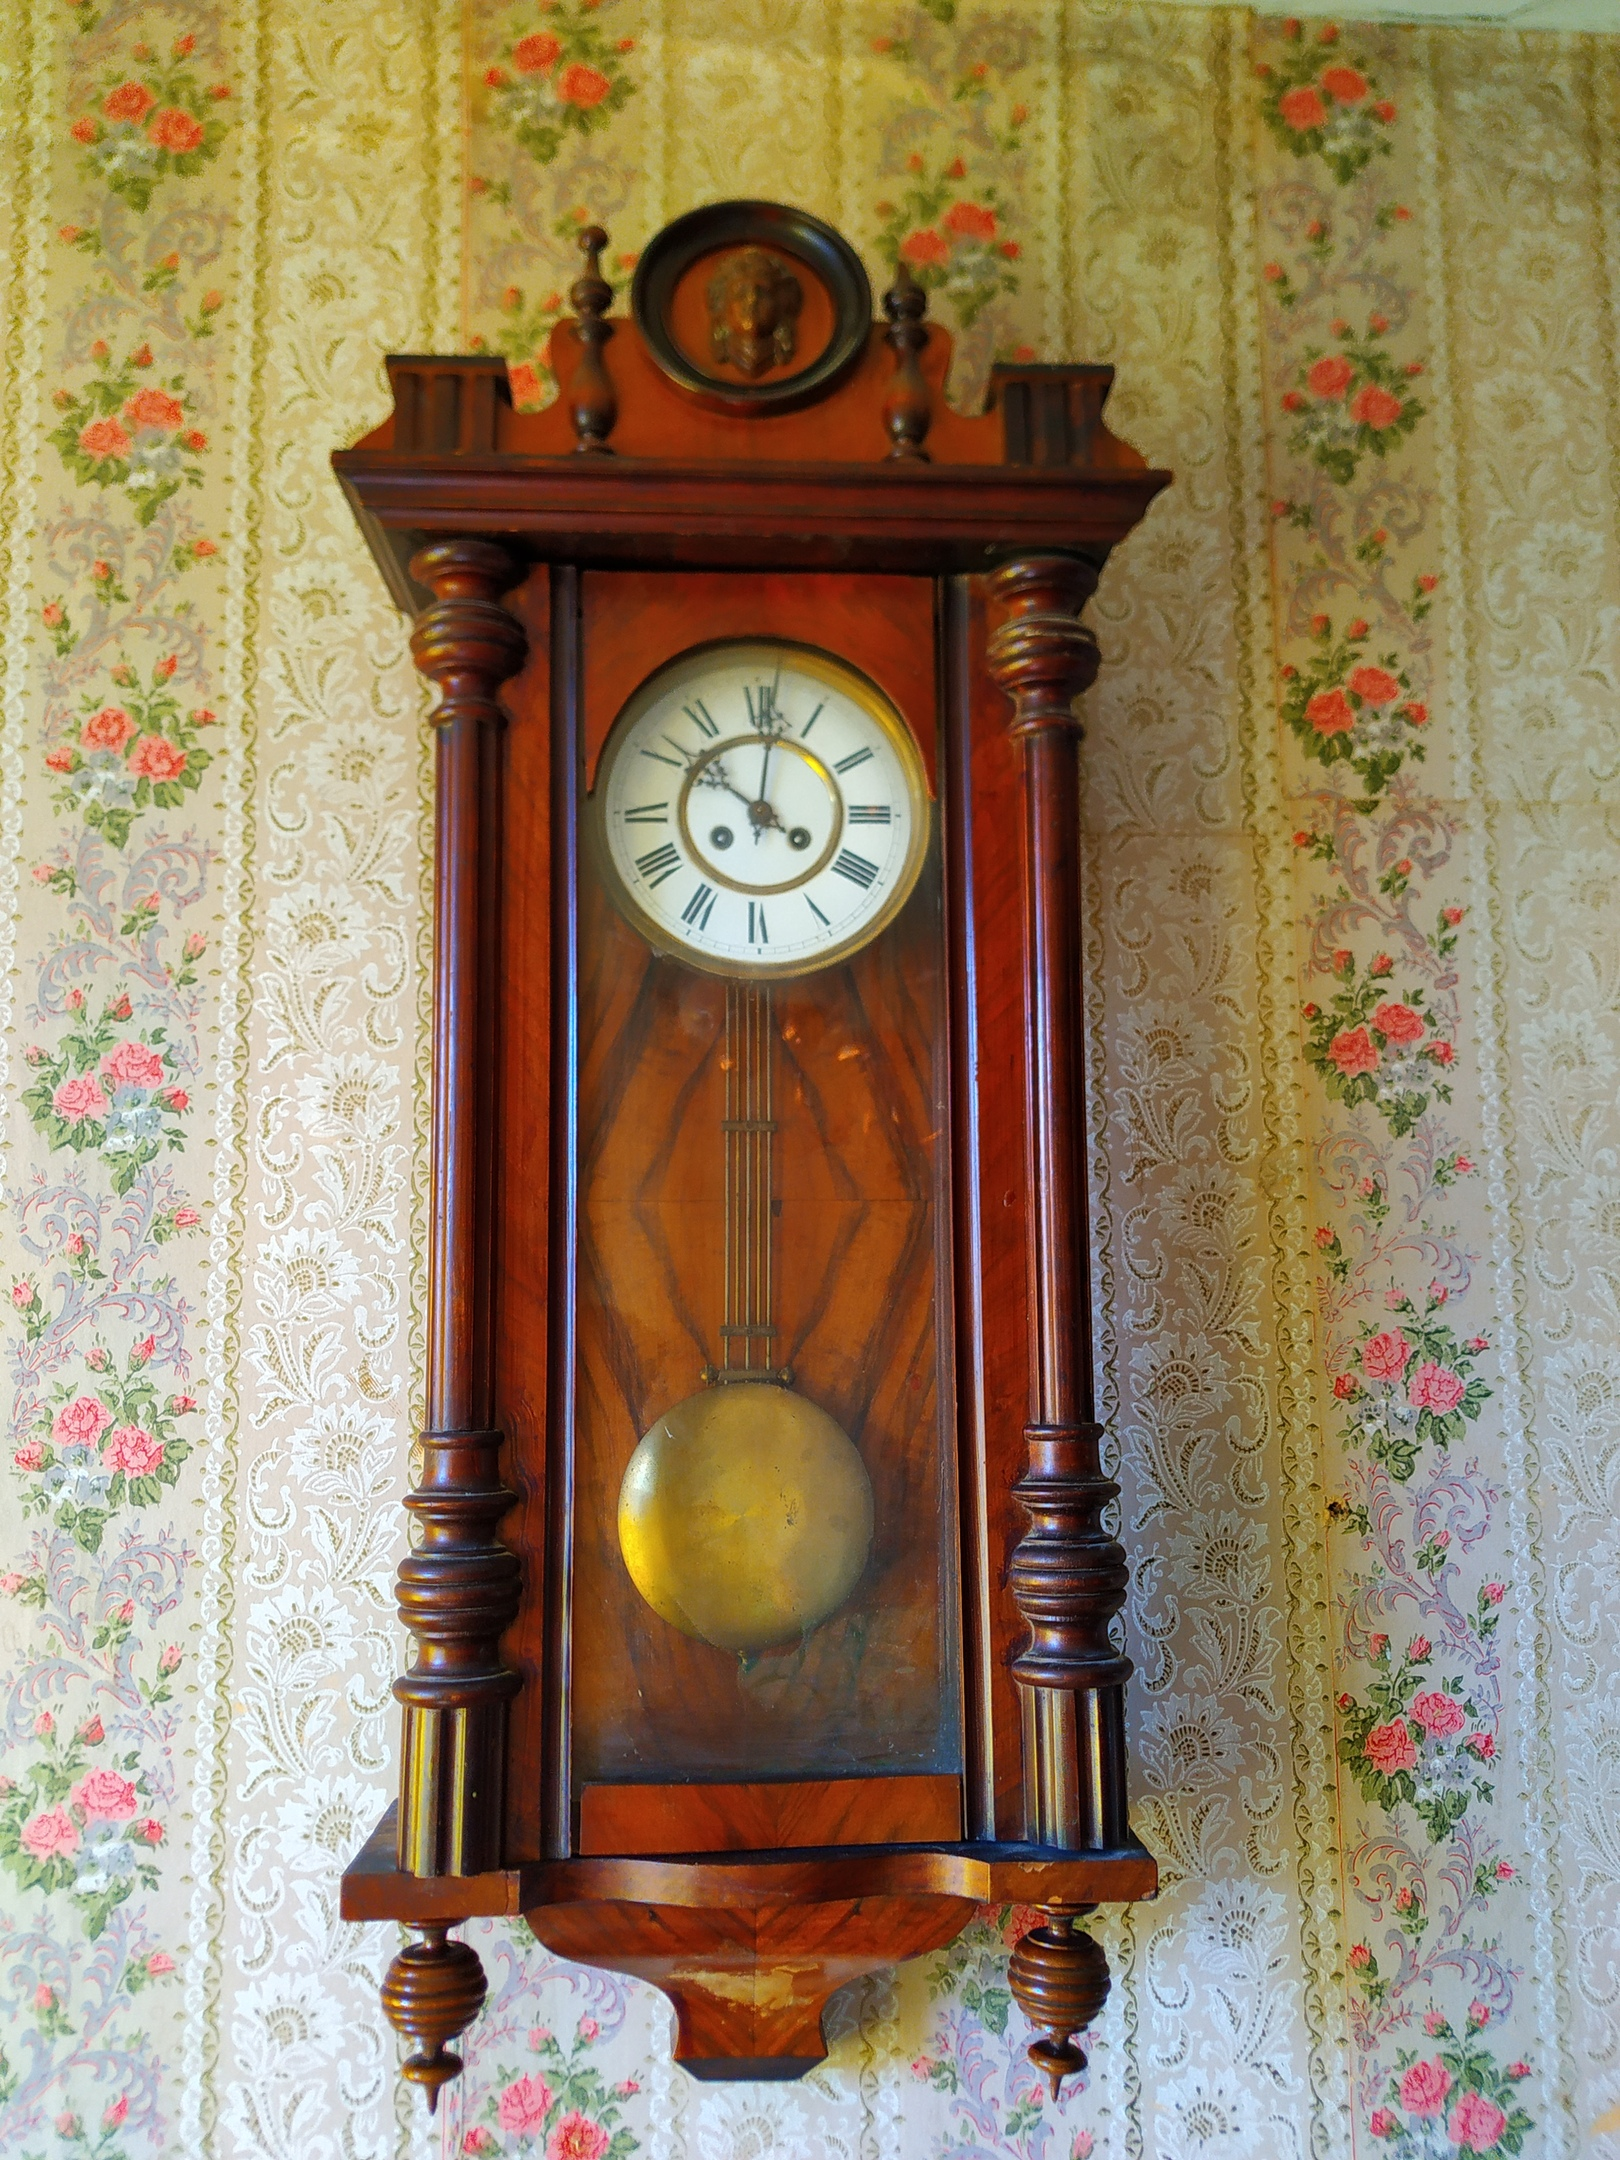 продают уже старые часы с боем фото заказ динской